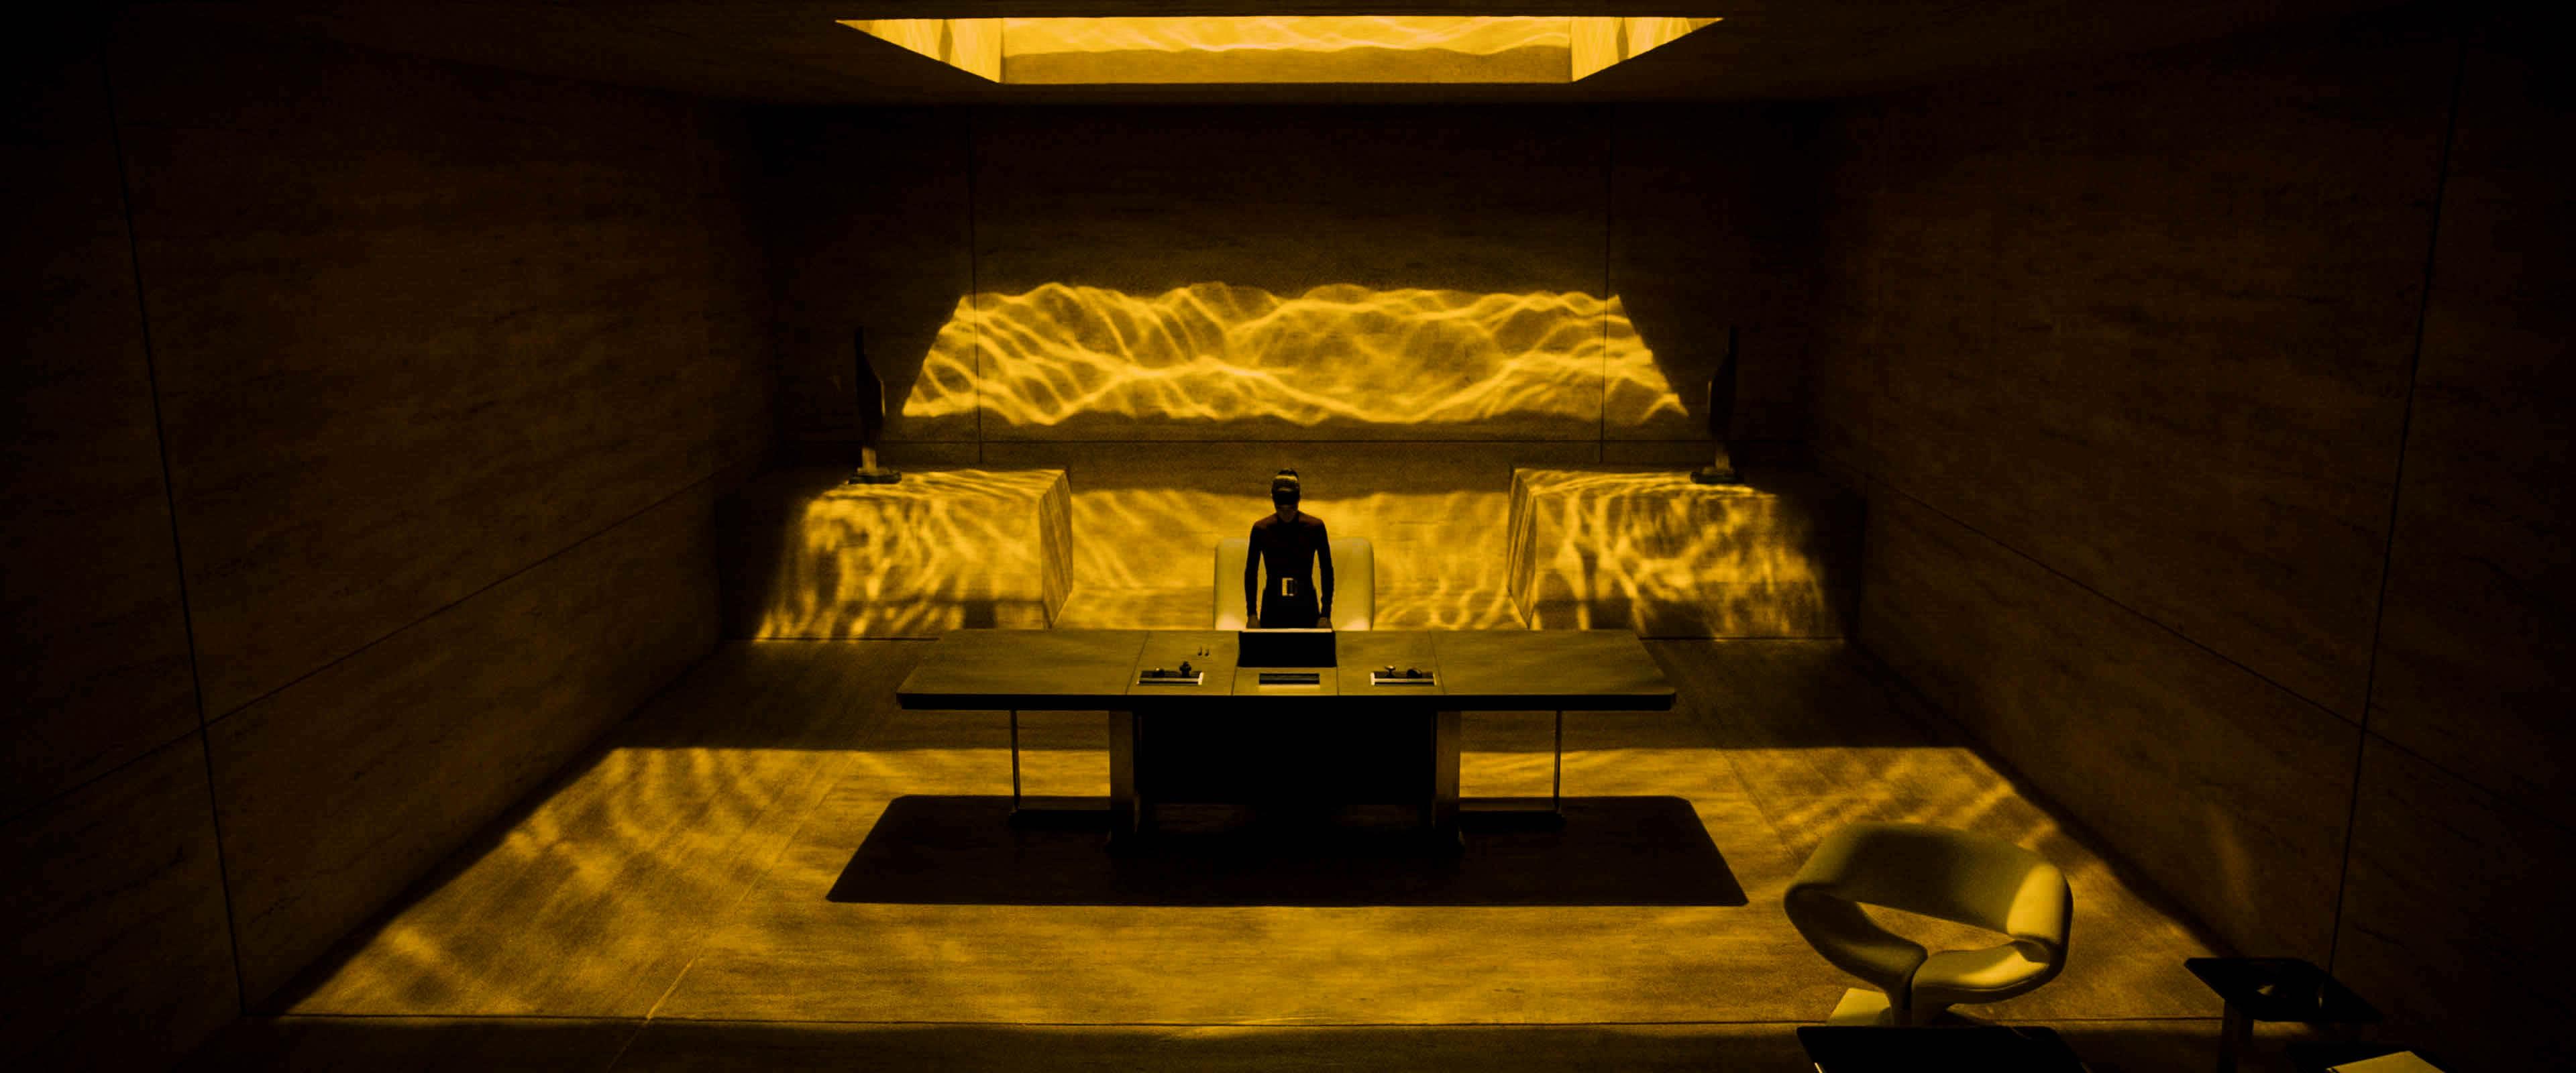 Blade Runner 2049 Frame 4k 198 Luke Dowding On The Web